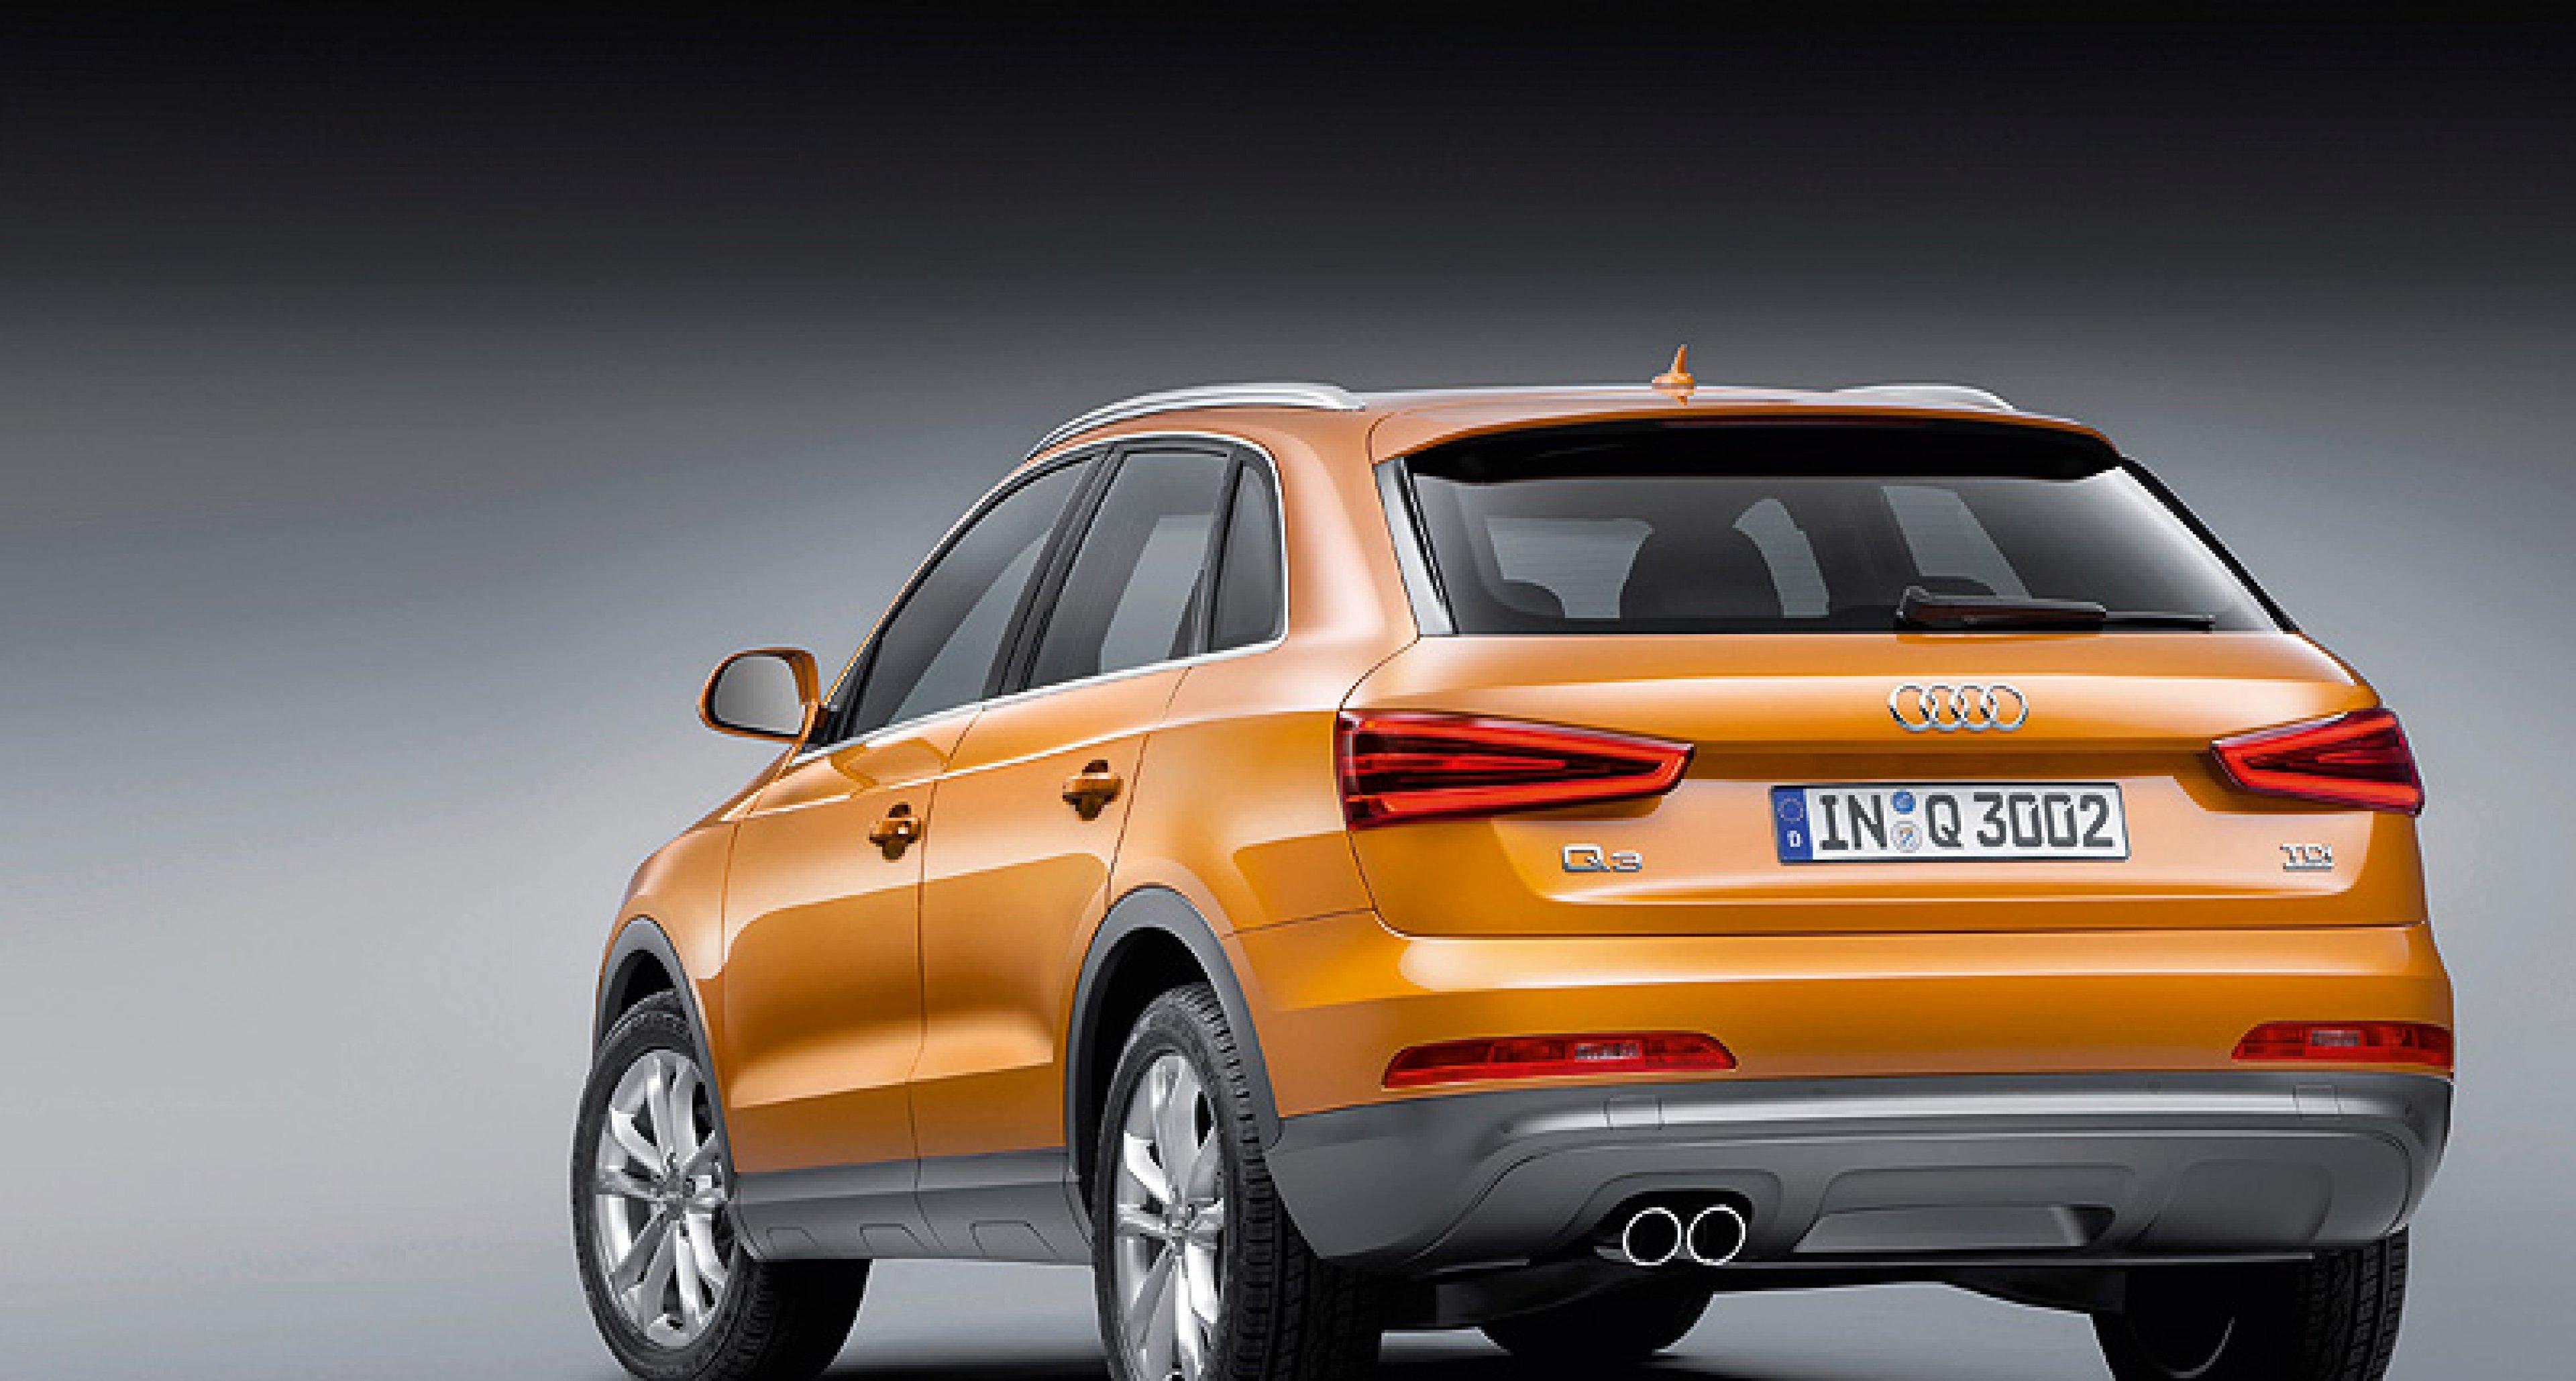 New Audi Q3 Revealed